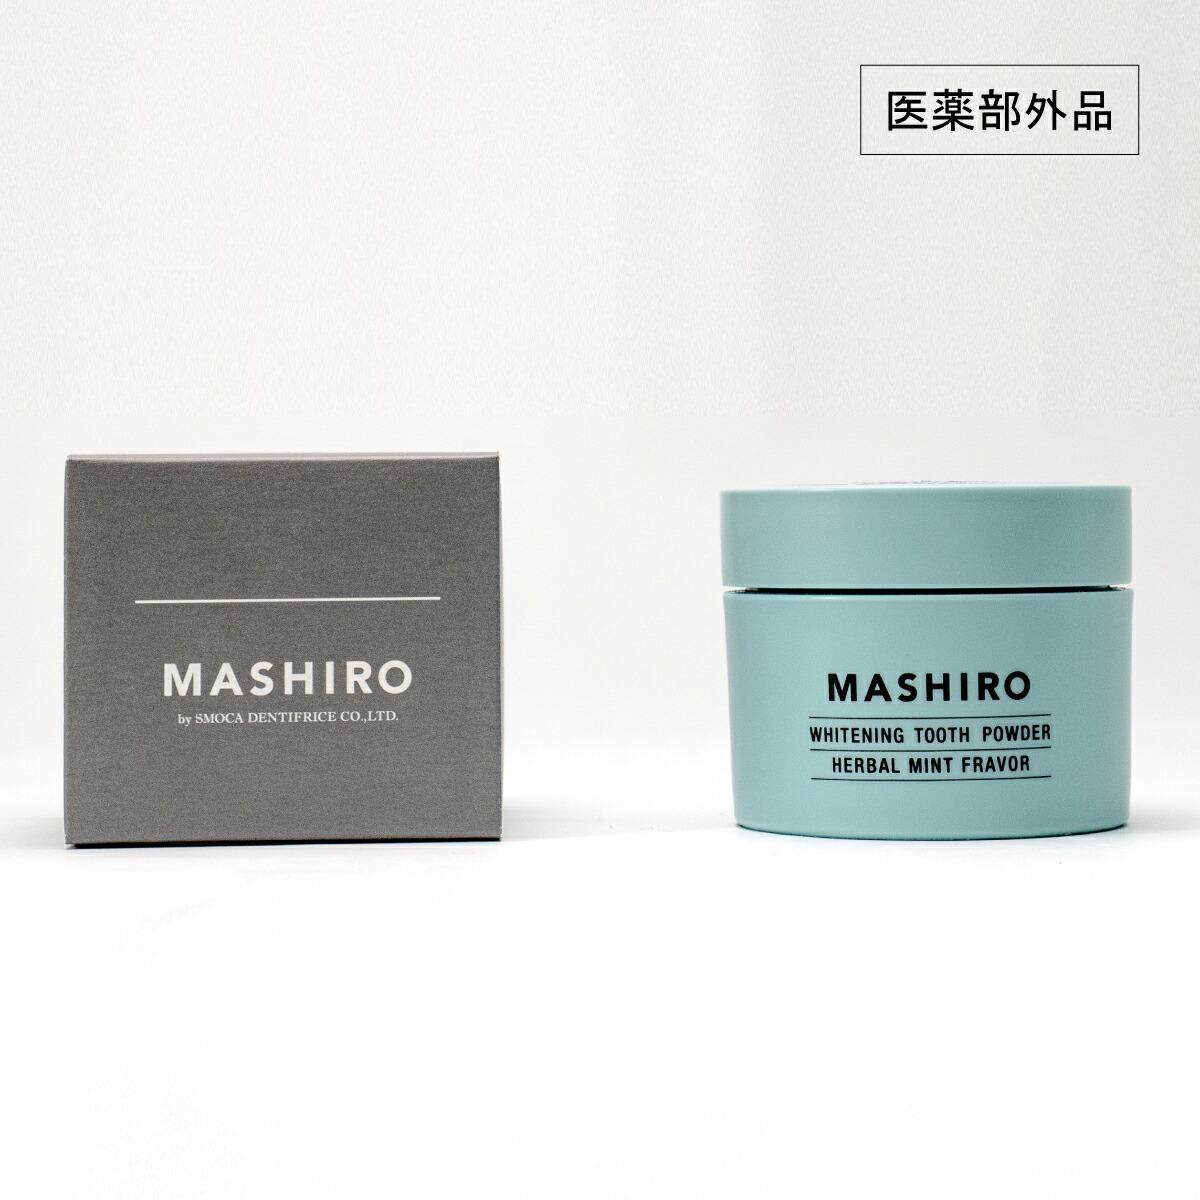 MASHIRO 薬用ホワイトニングパウダー